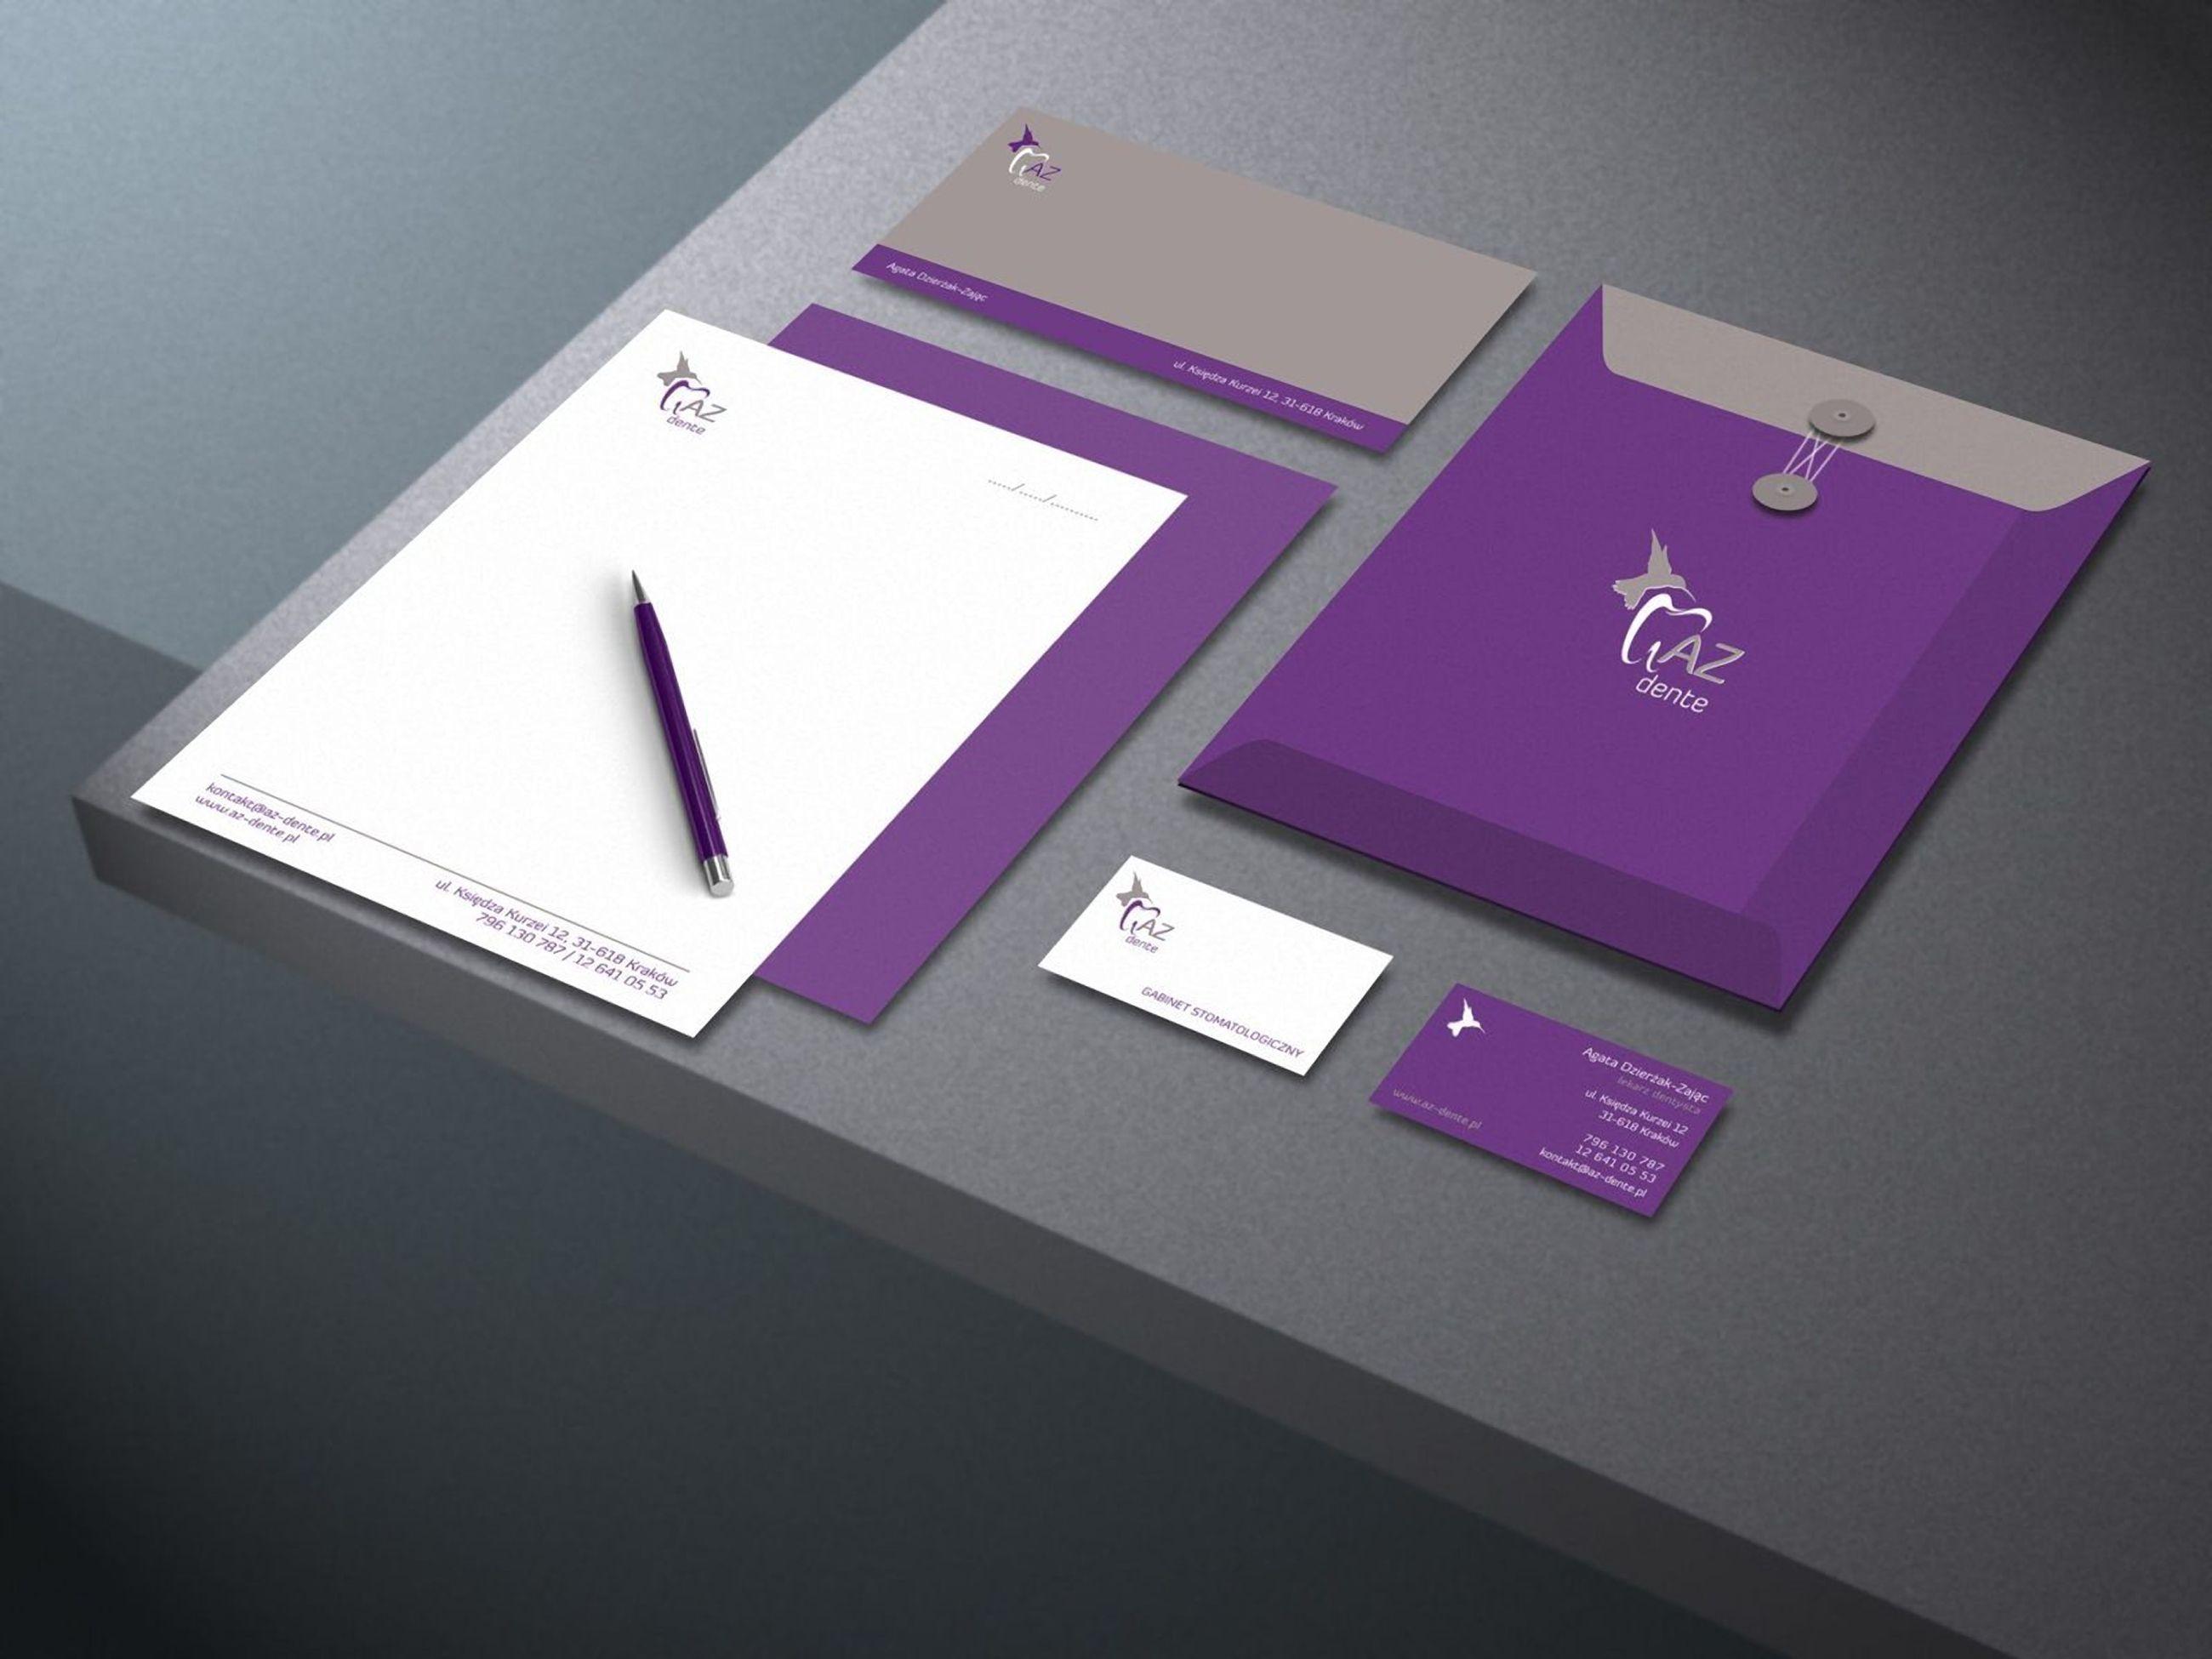 AZ Dente identyfikacja wizualna | branding